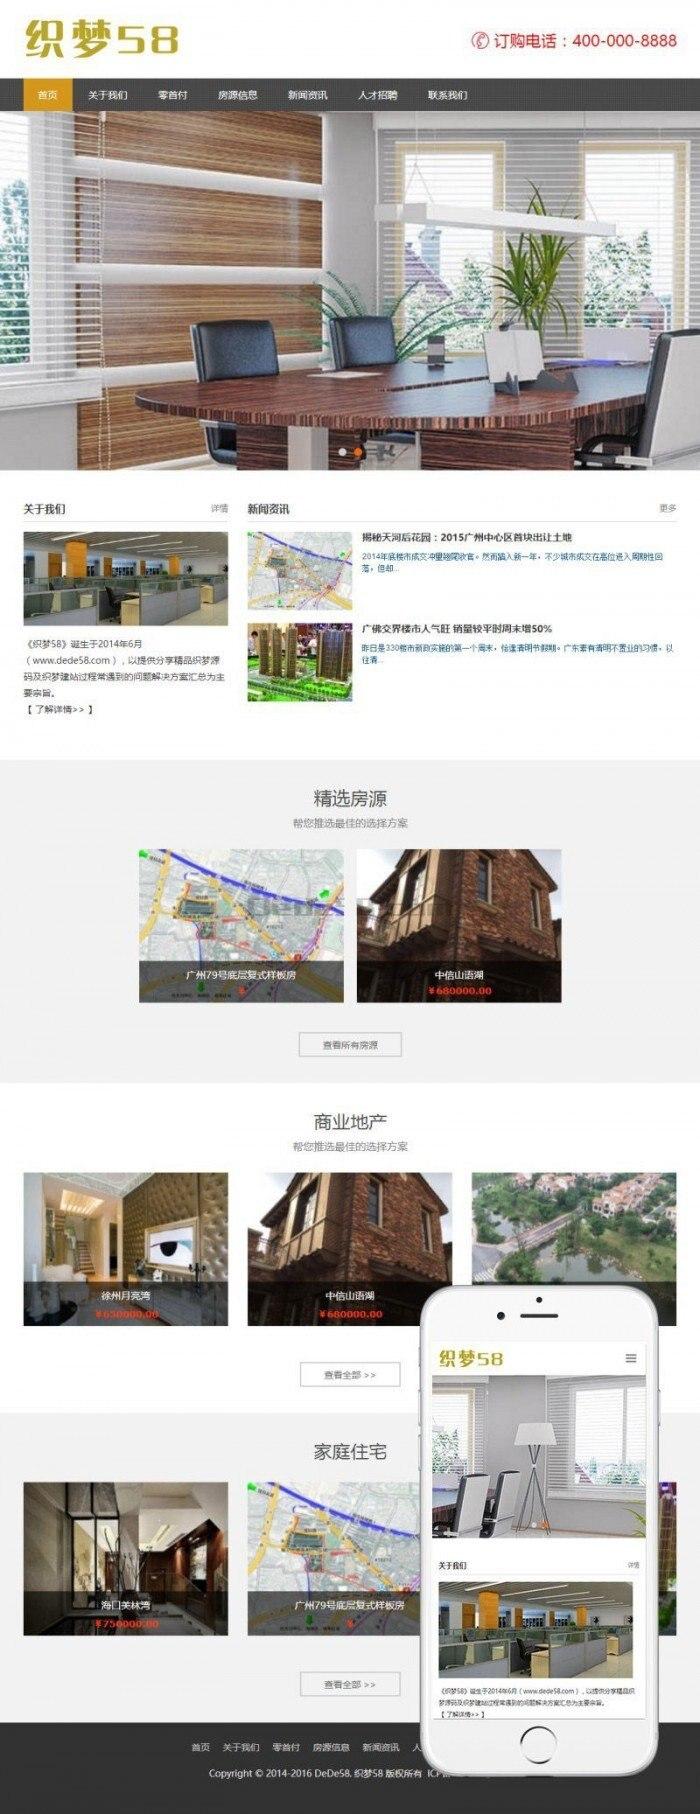 【织梦房产中介企业模板】dedecms响应式房产中介房产代理公司网站源码